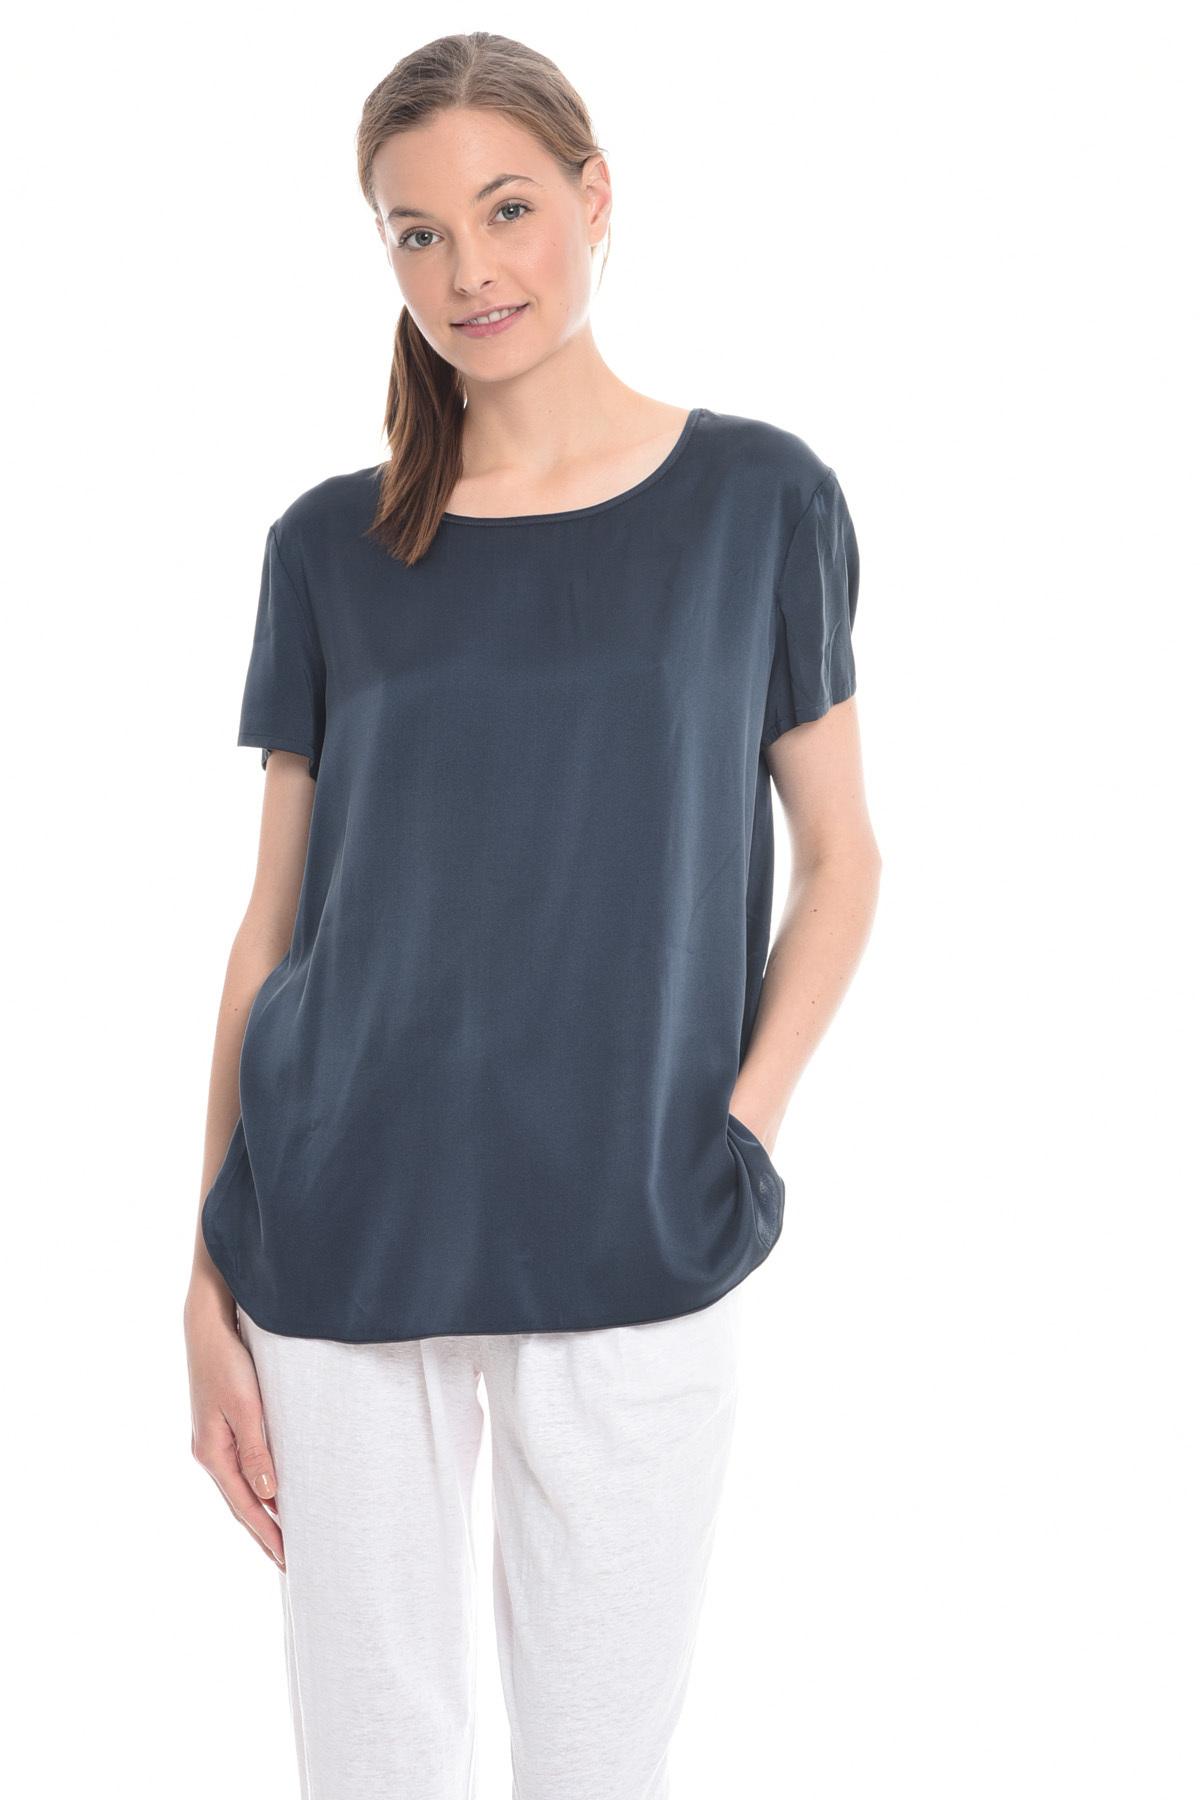 ... Top in raso di seta stretch Diffusione Tessile. Home page ·  Abbigliamento ...